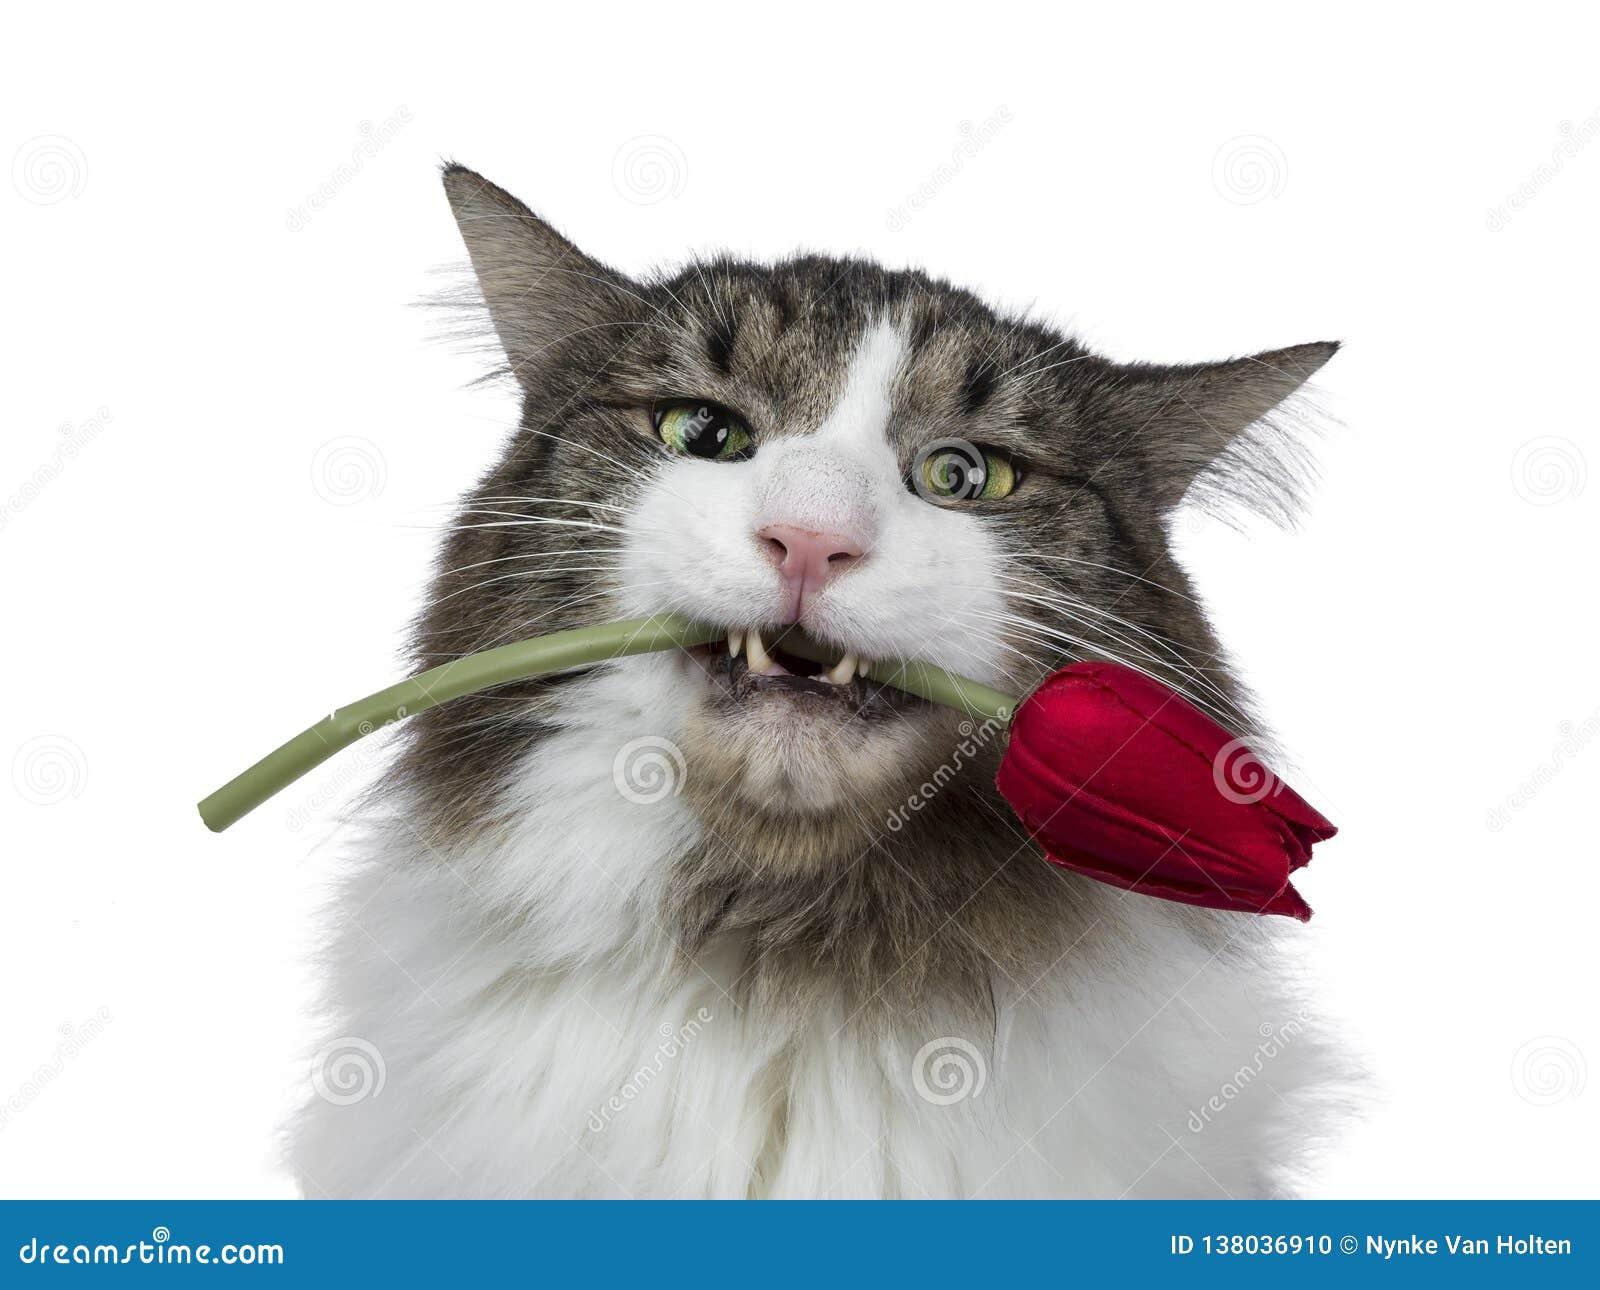 Cabeza tirada de Forest Cat noruego adulto divertido y hermoso, aislado en un fondo blanco